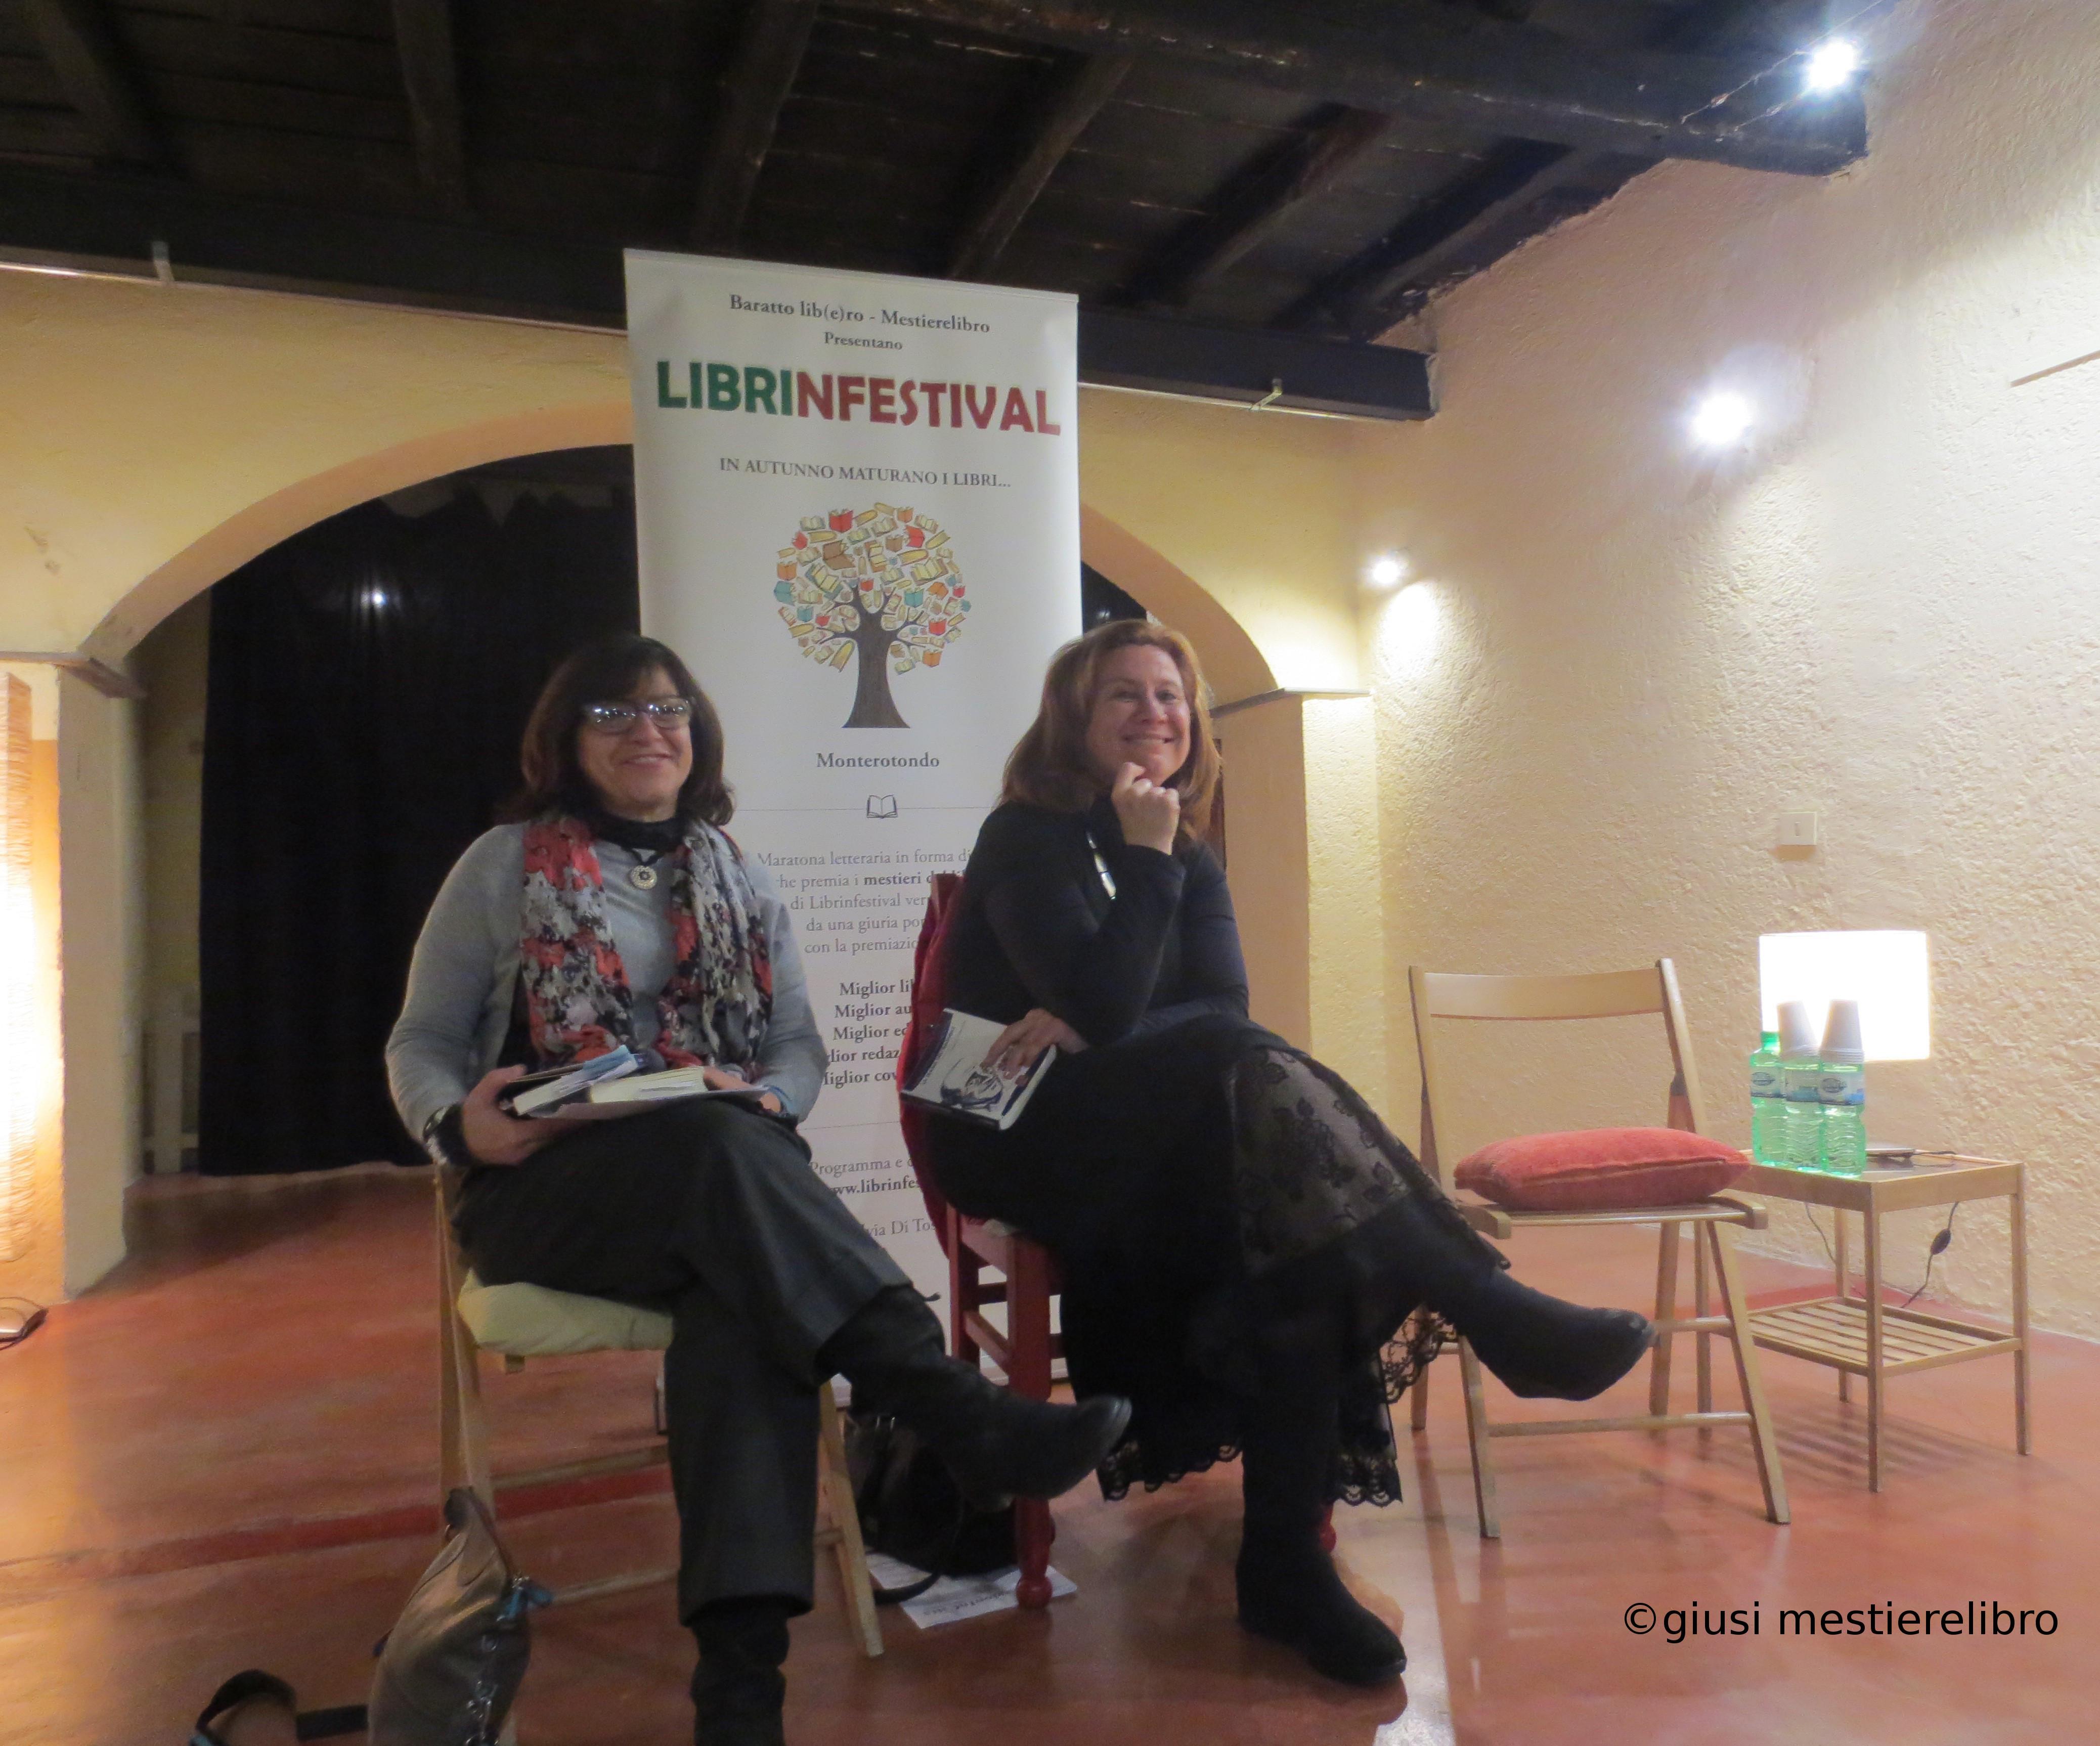 #Librinfestival, La trama dell'invisibile, M.Cristina Mannocchi